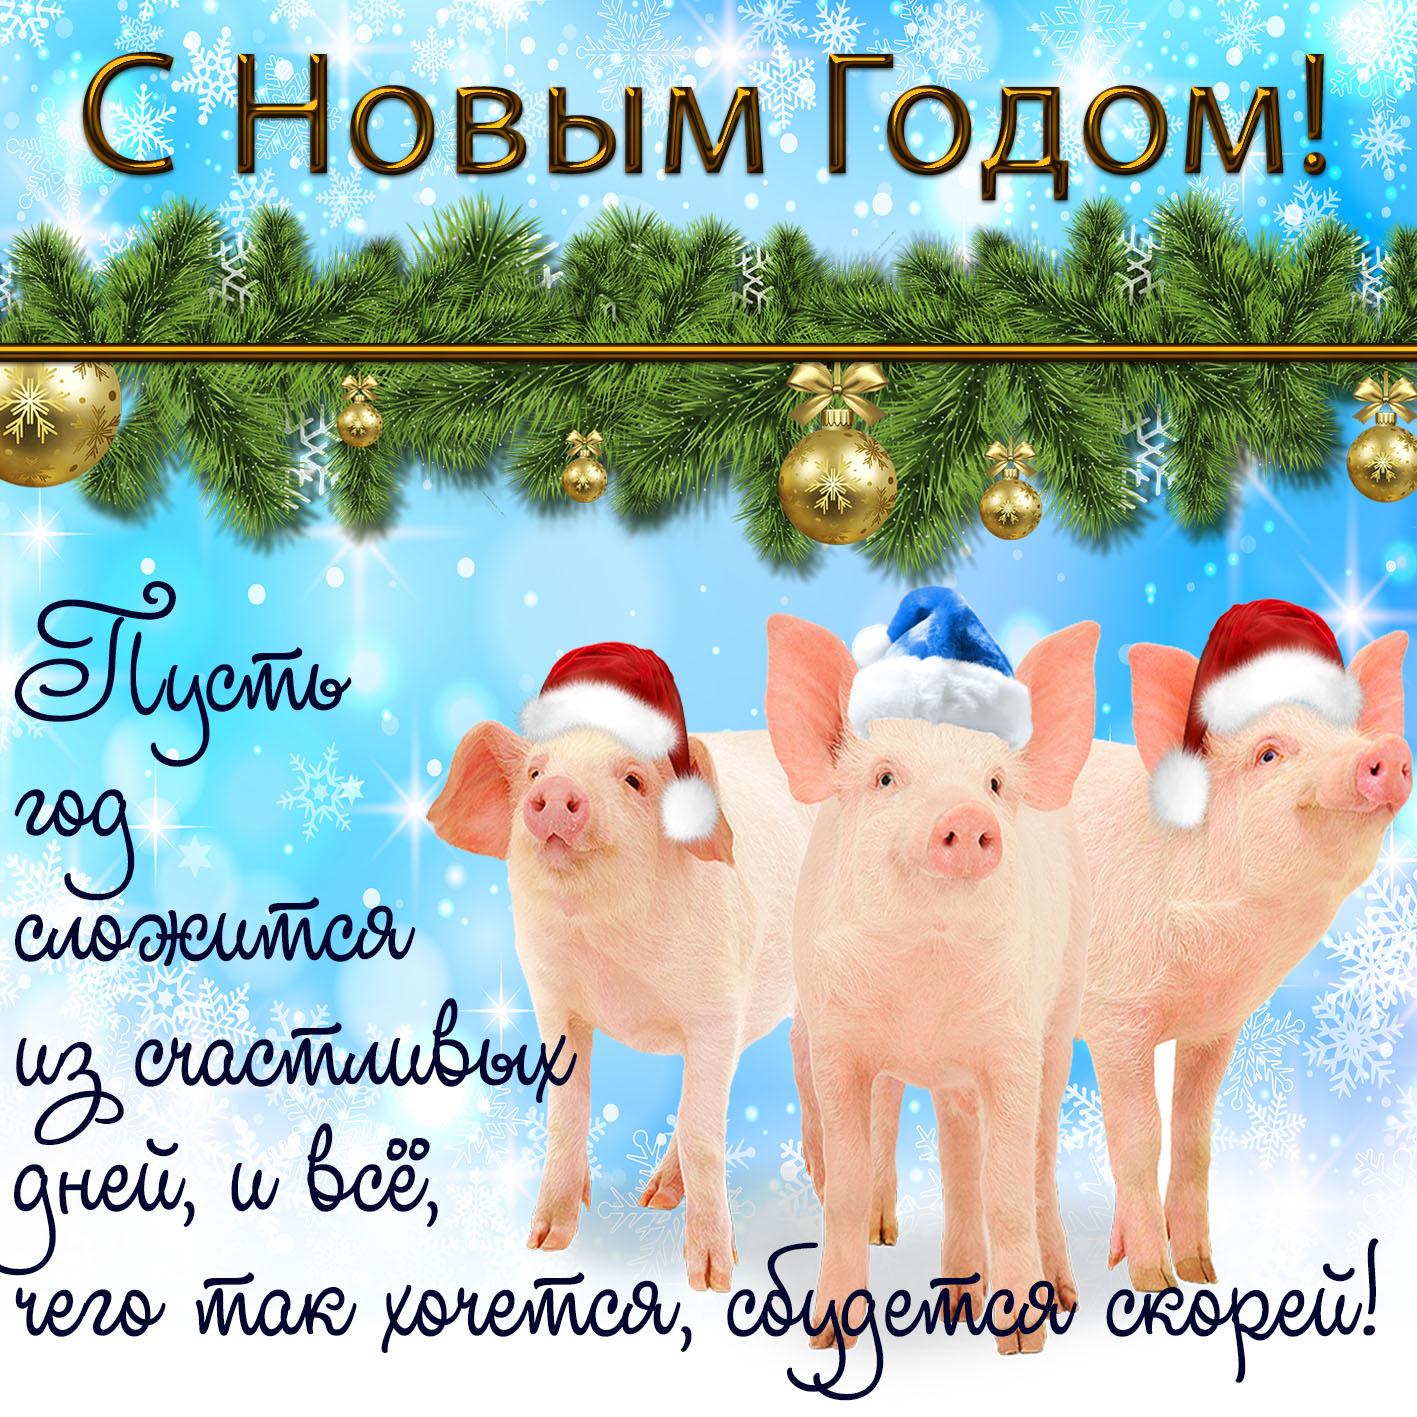 Открытка - забавные поросята поздравляют с Новым годом